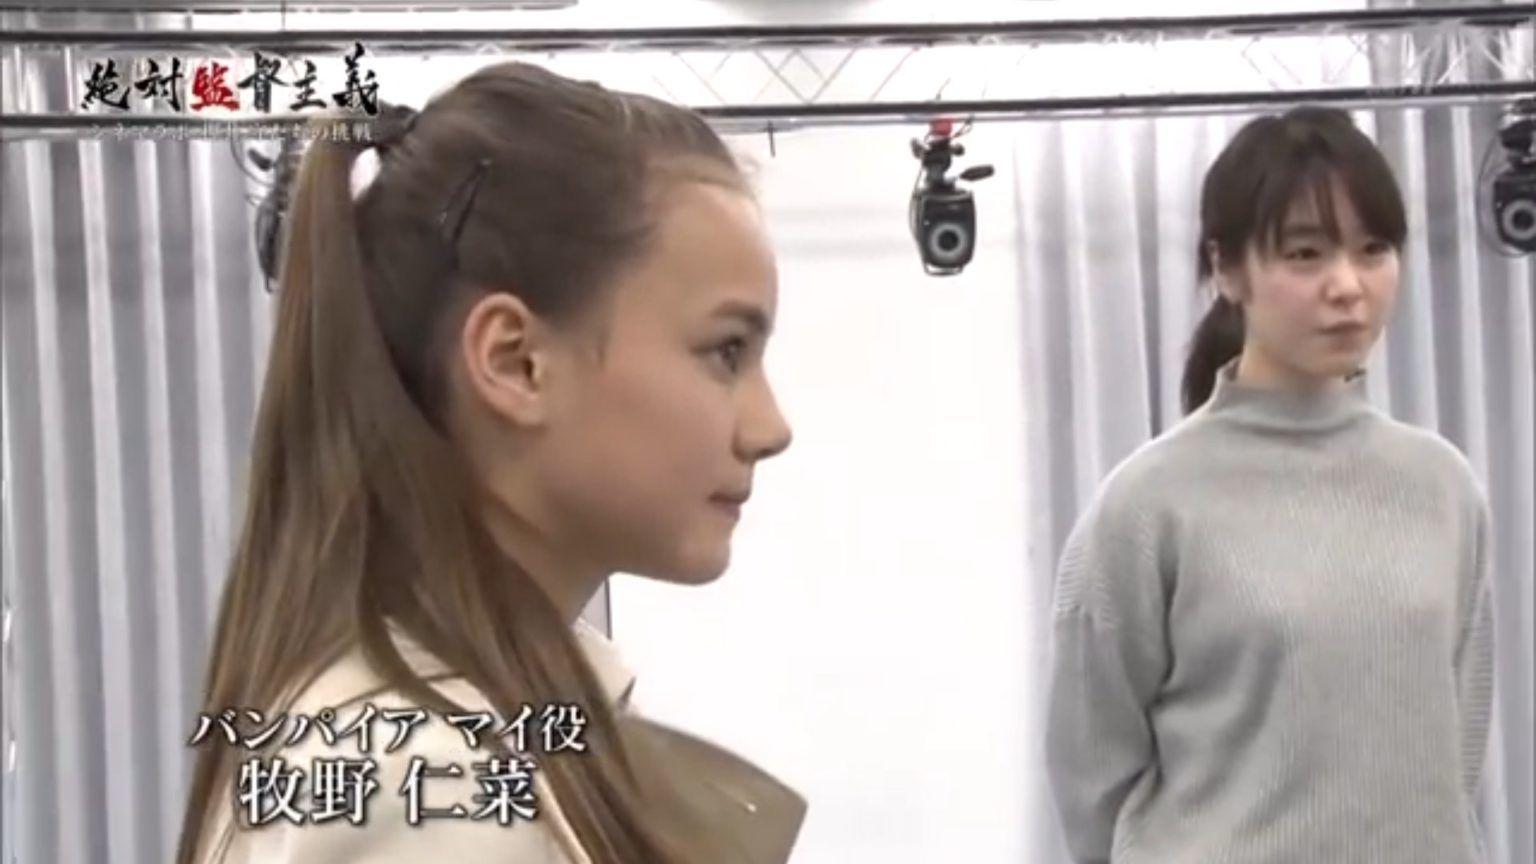 ハーフ ヒルマンニナ 虹プロ・ニナ 子役時代が凄い!本名・経歴・プロフィール・身長は?